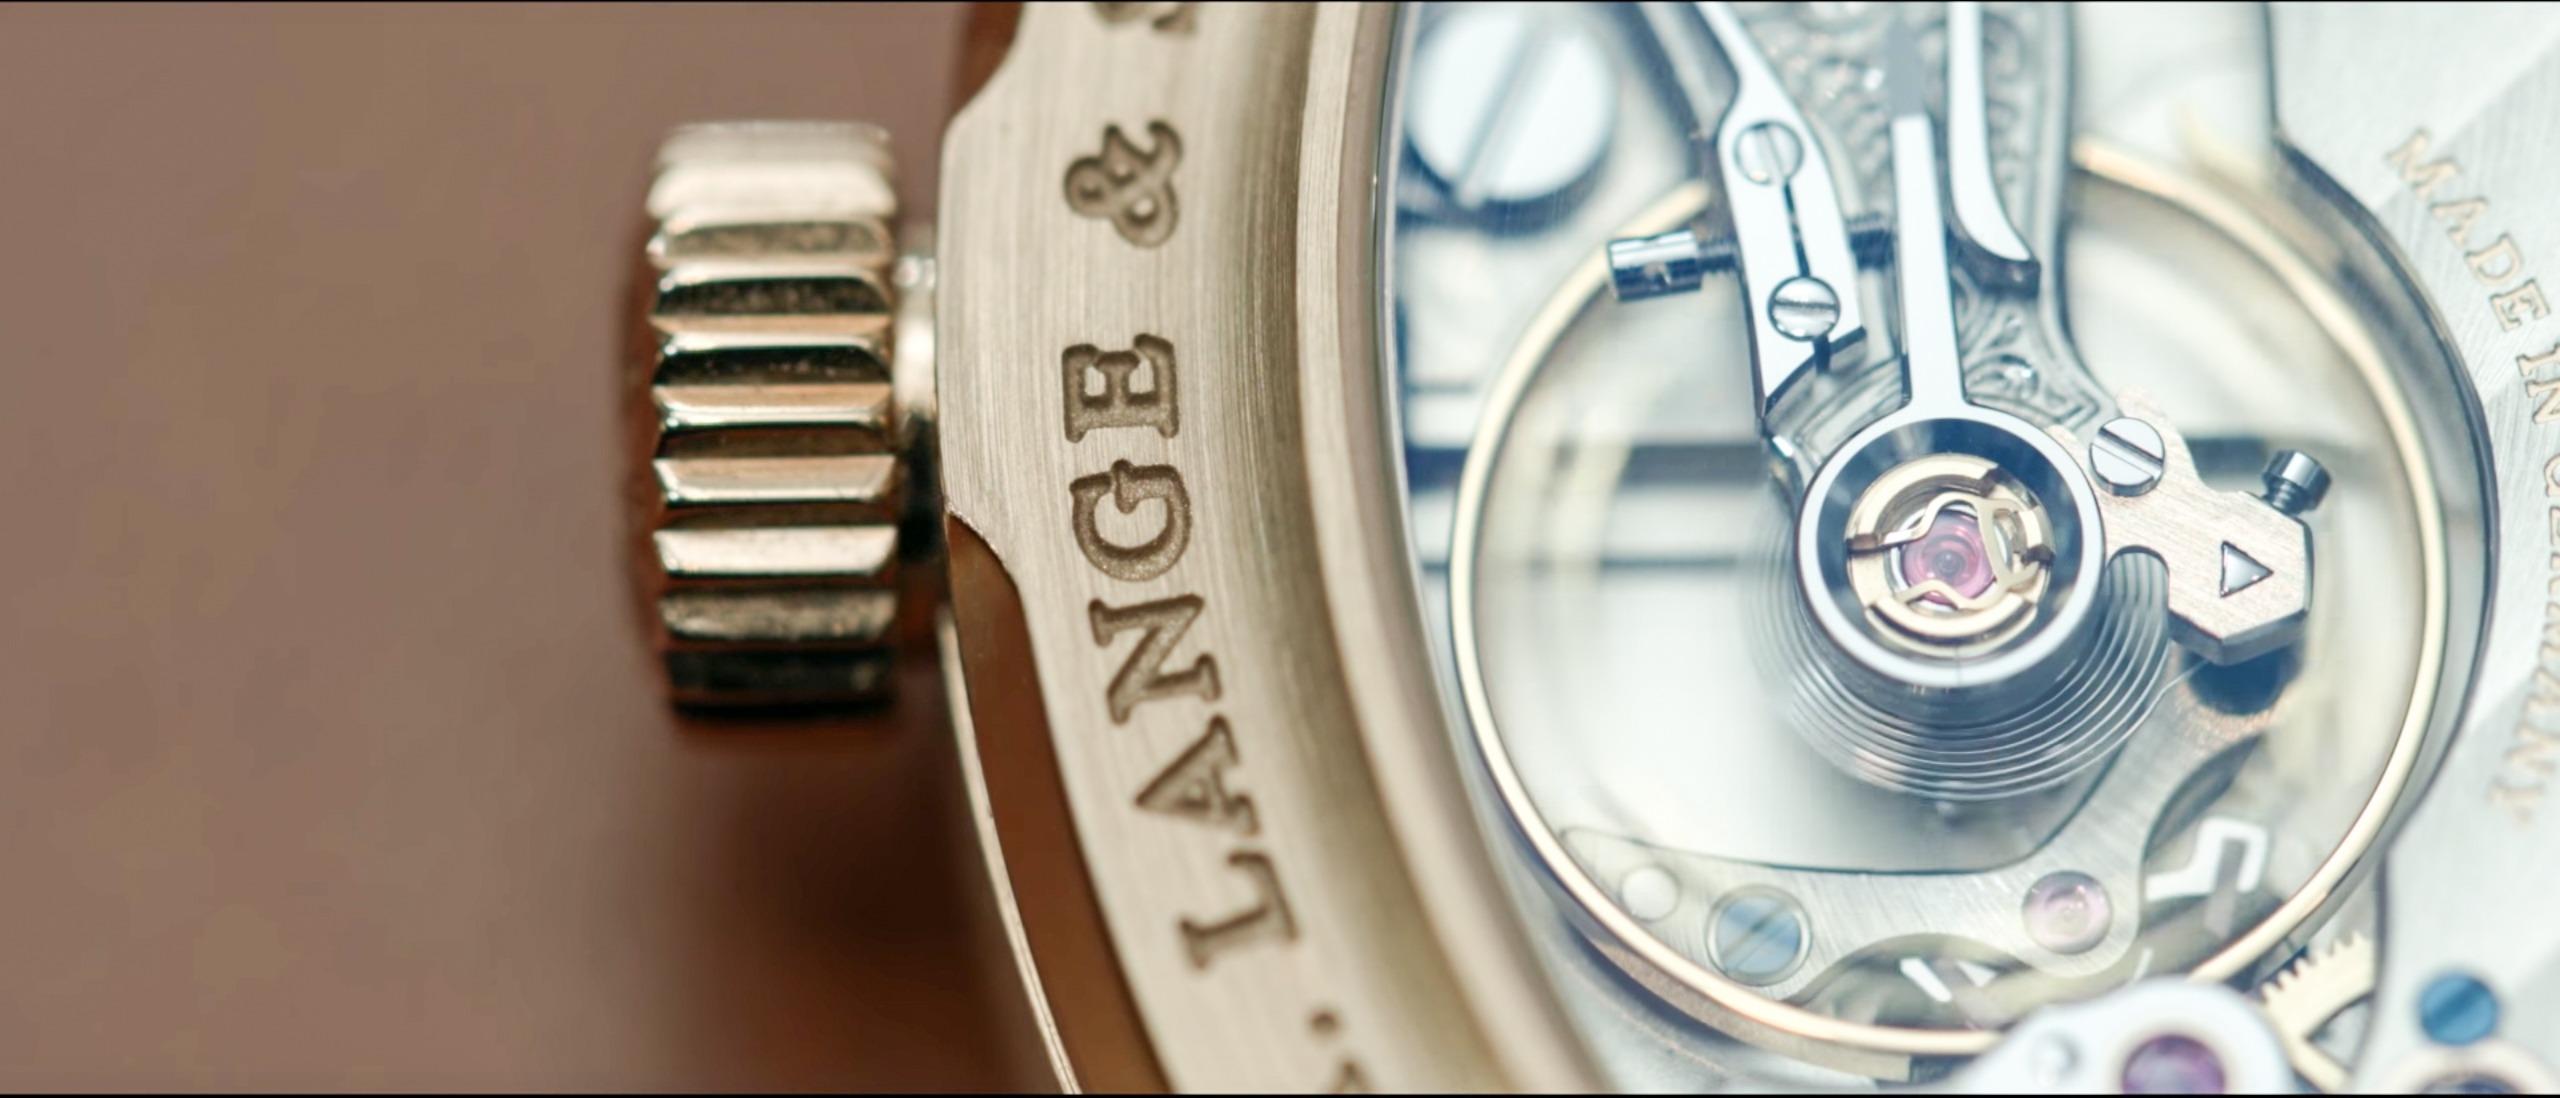 A.Lange & Söhne - Lange 1